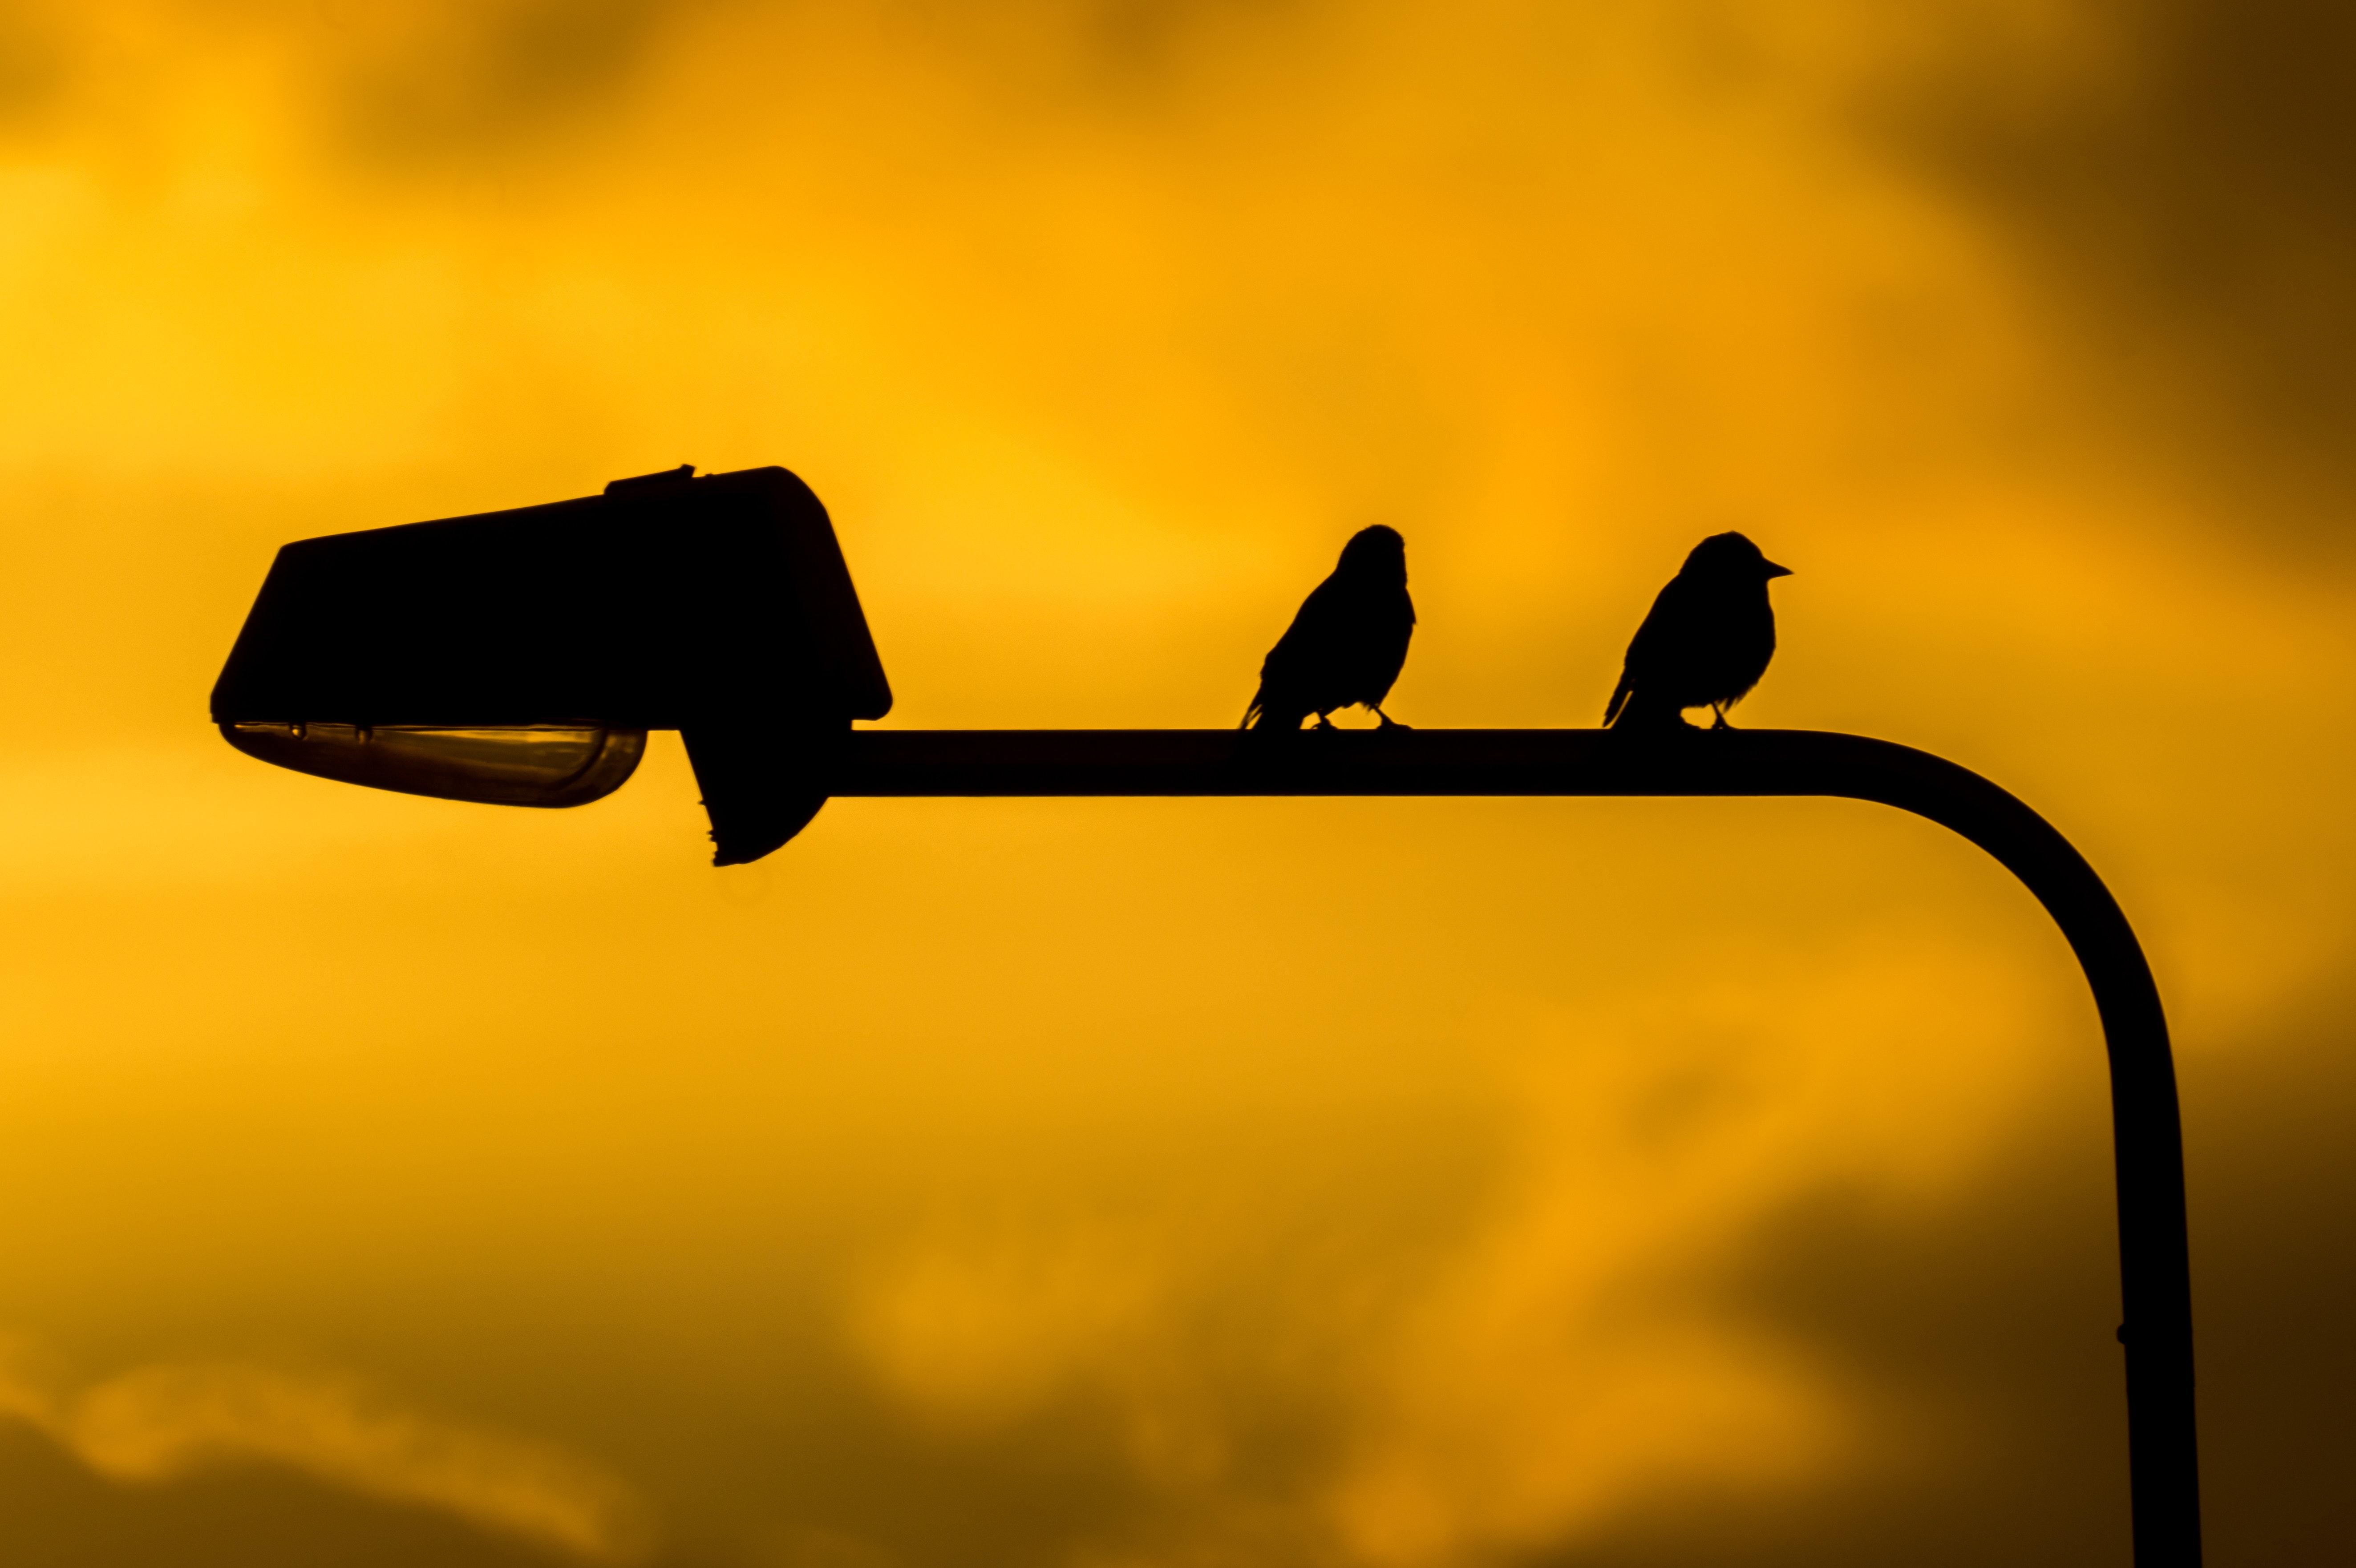 Birds on street lamp photo